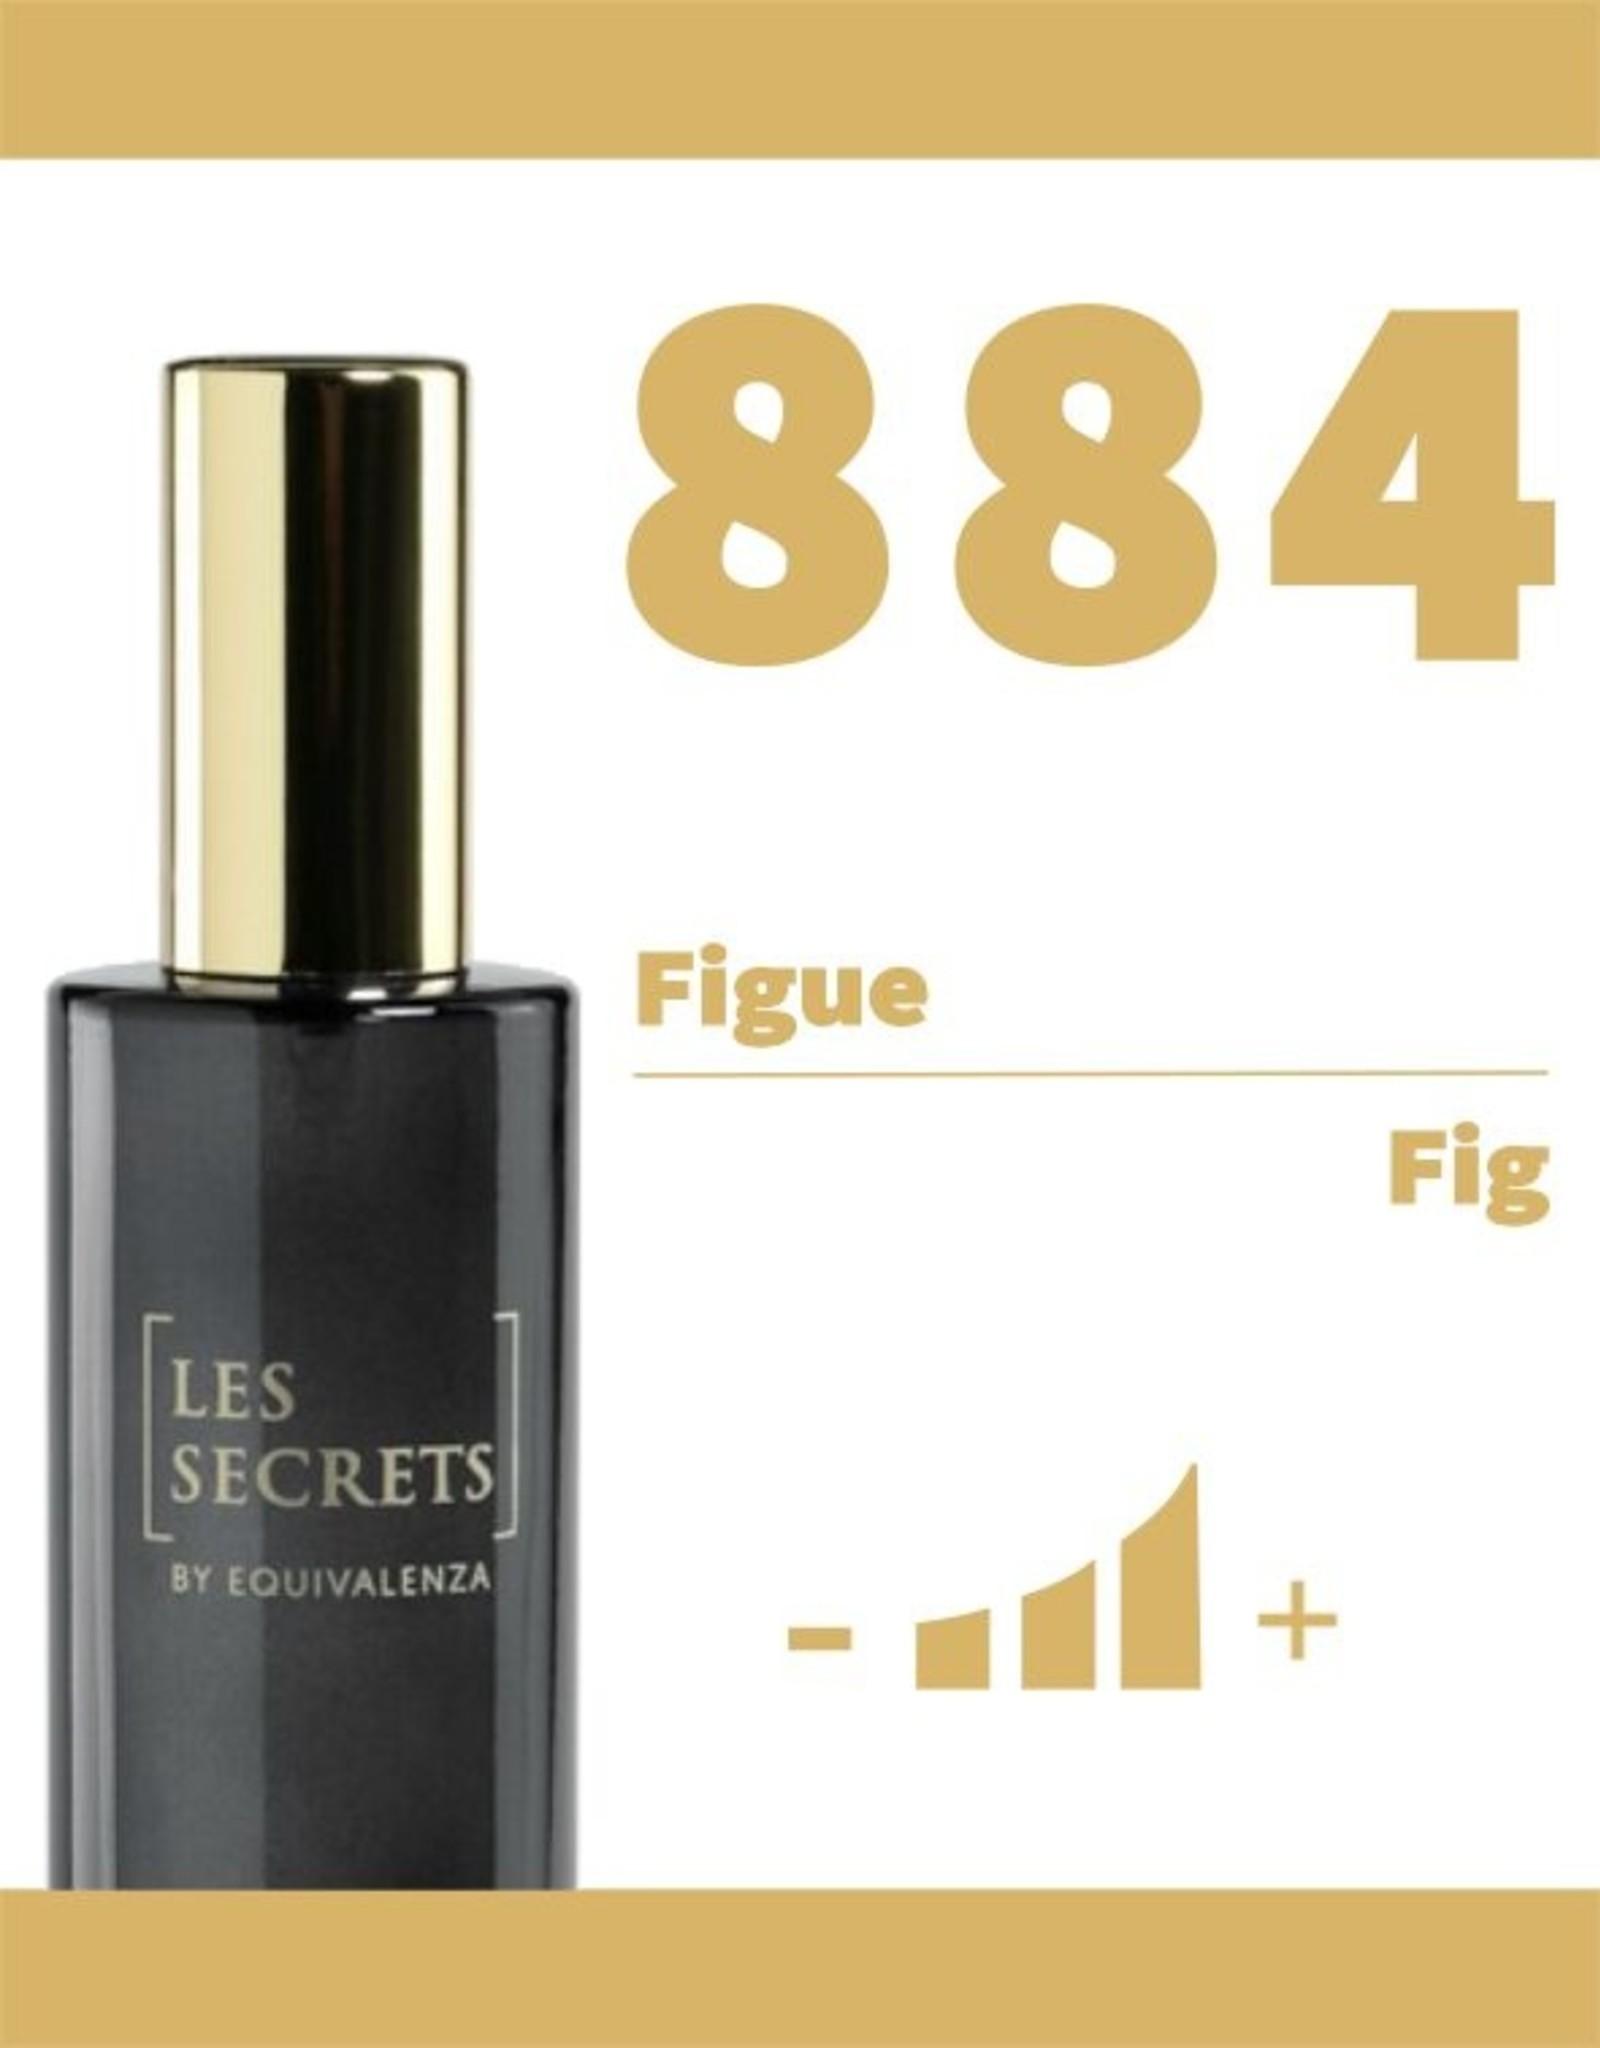 Equivalenza Eau de Parfum Figue